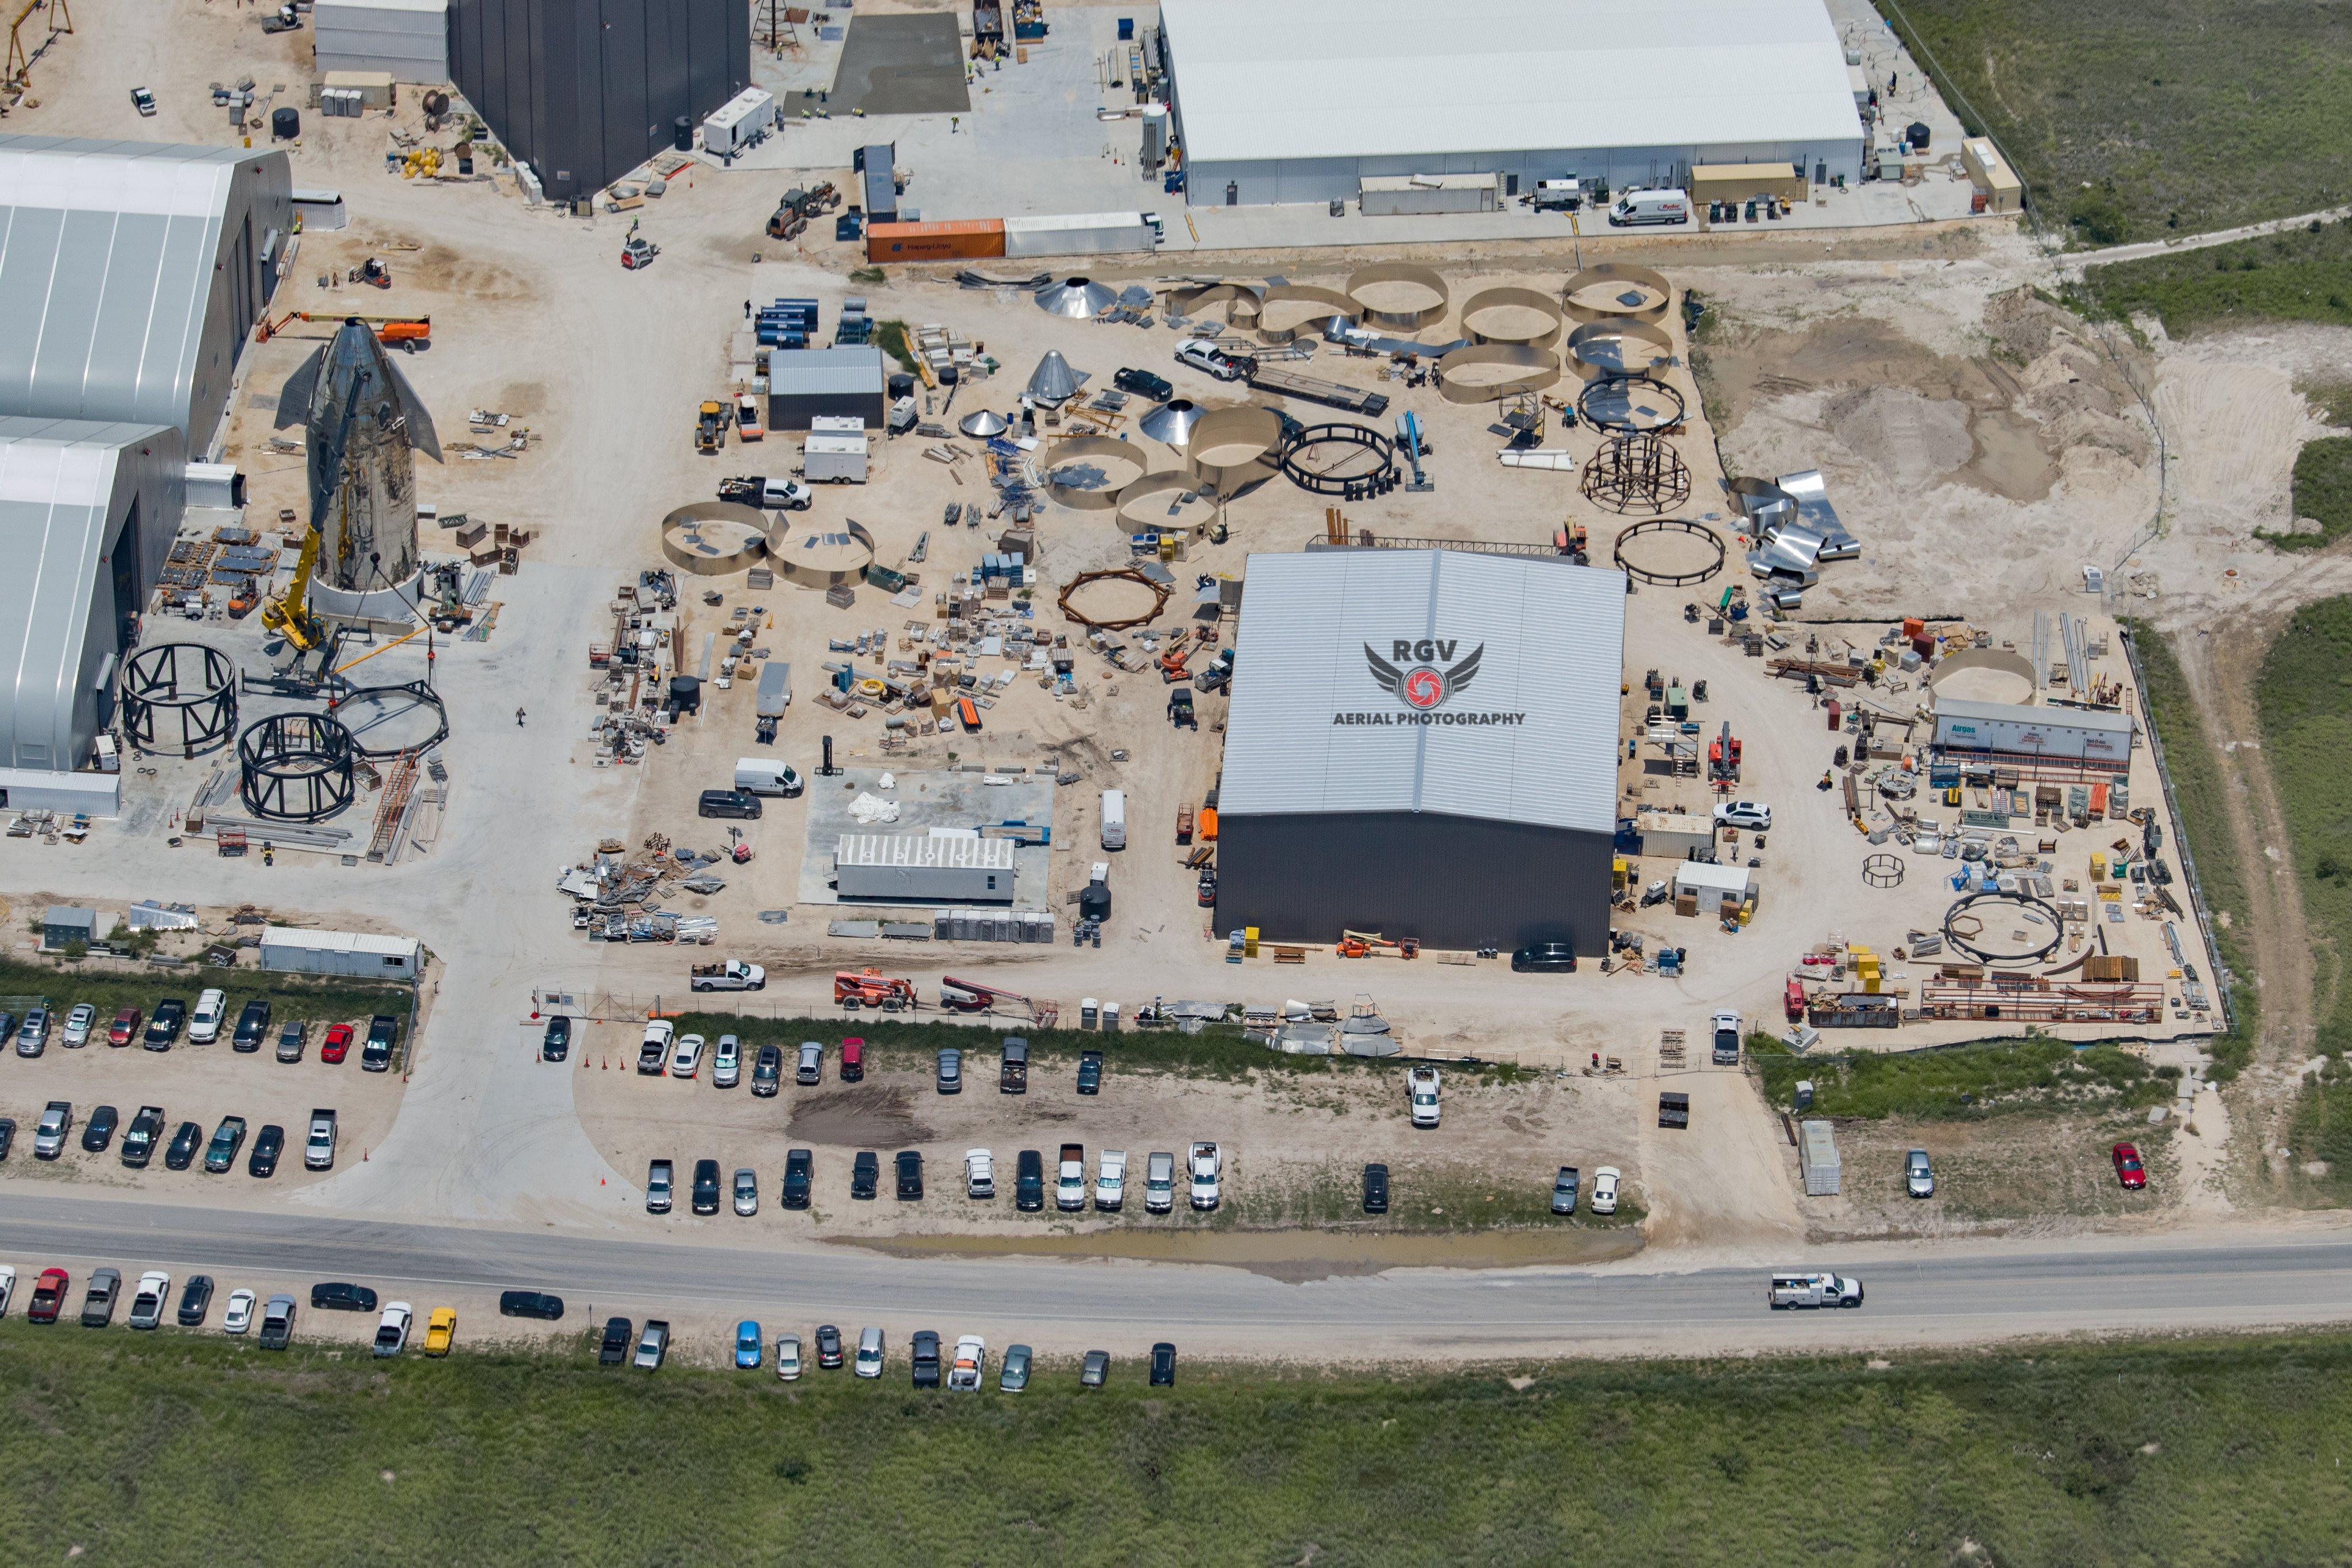 Site de lancement de Boca Chica au Texas - Page 13 EaMFjgdXgAE6M9b?format=jpg&name=4096x4096